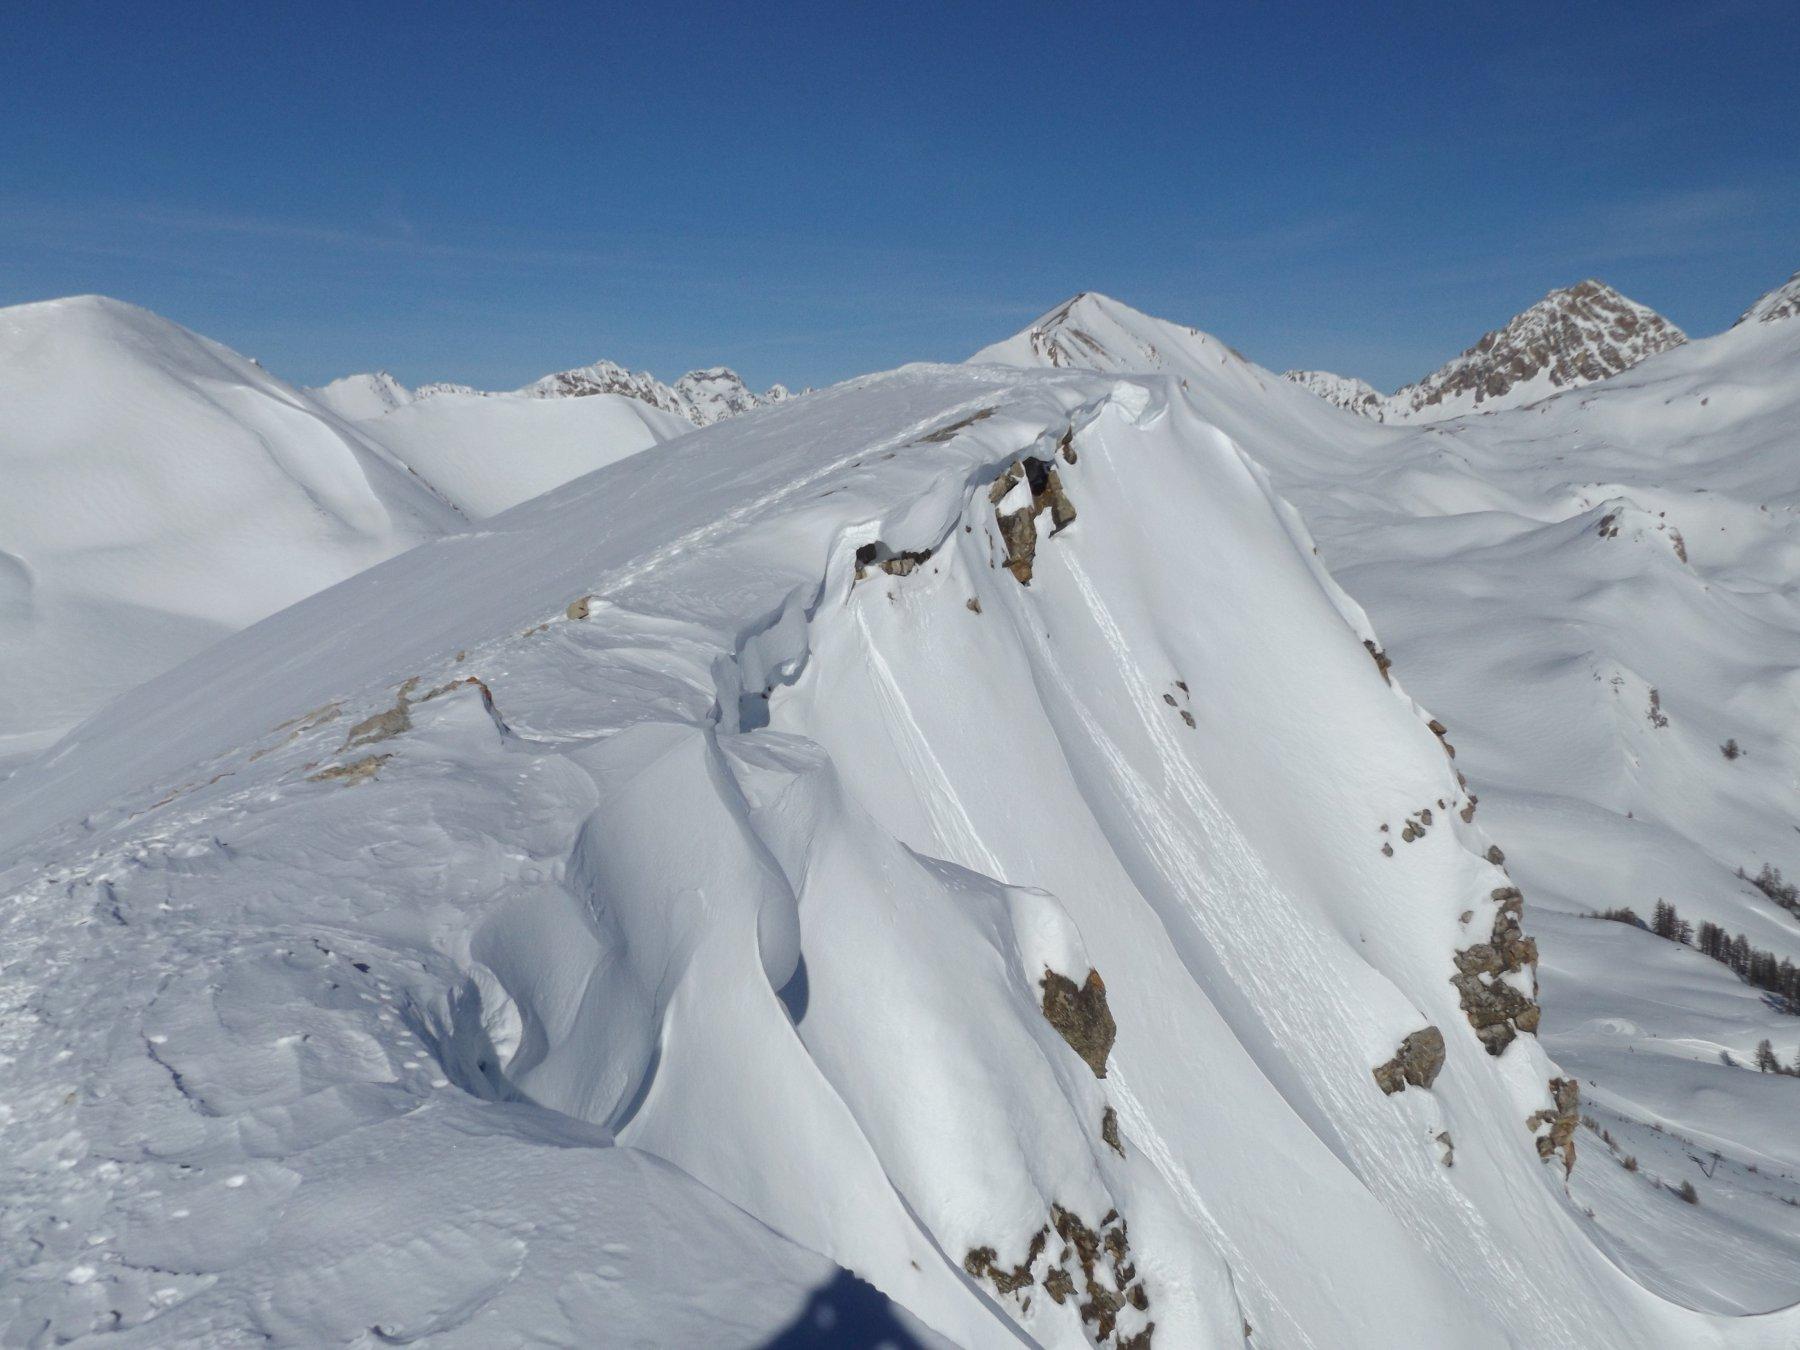 La cresta con le cornici di neve